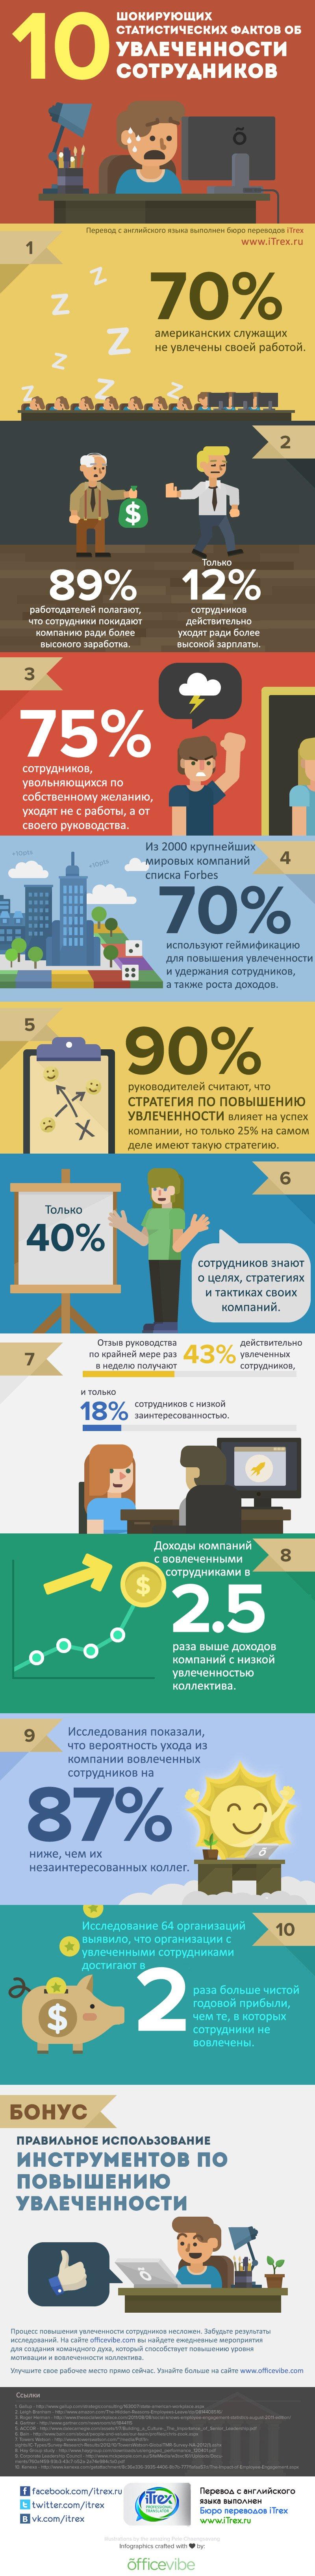 10 шокирующих статистических фактов об увлеченности сотрудников